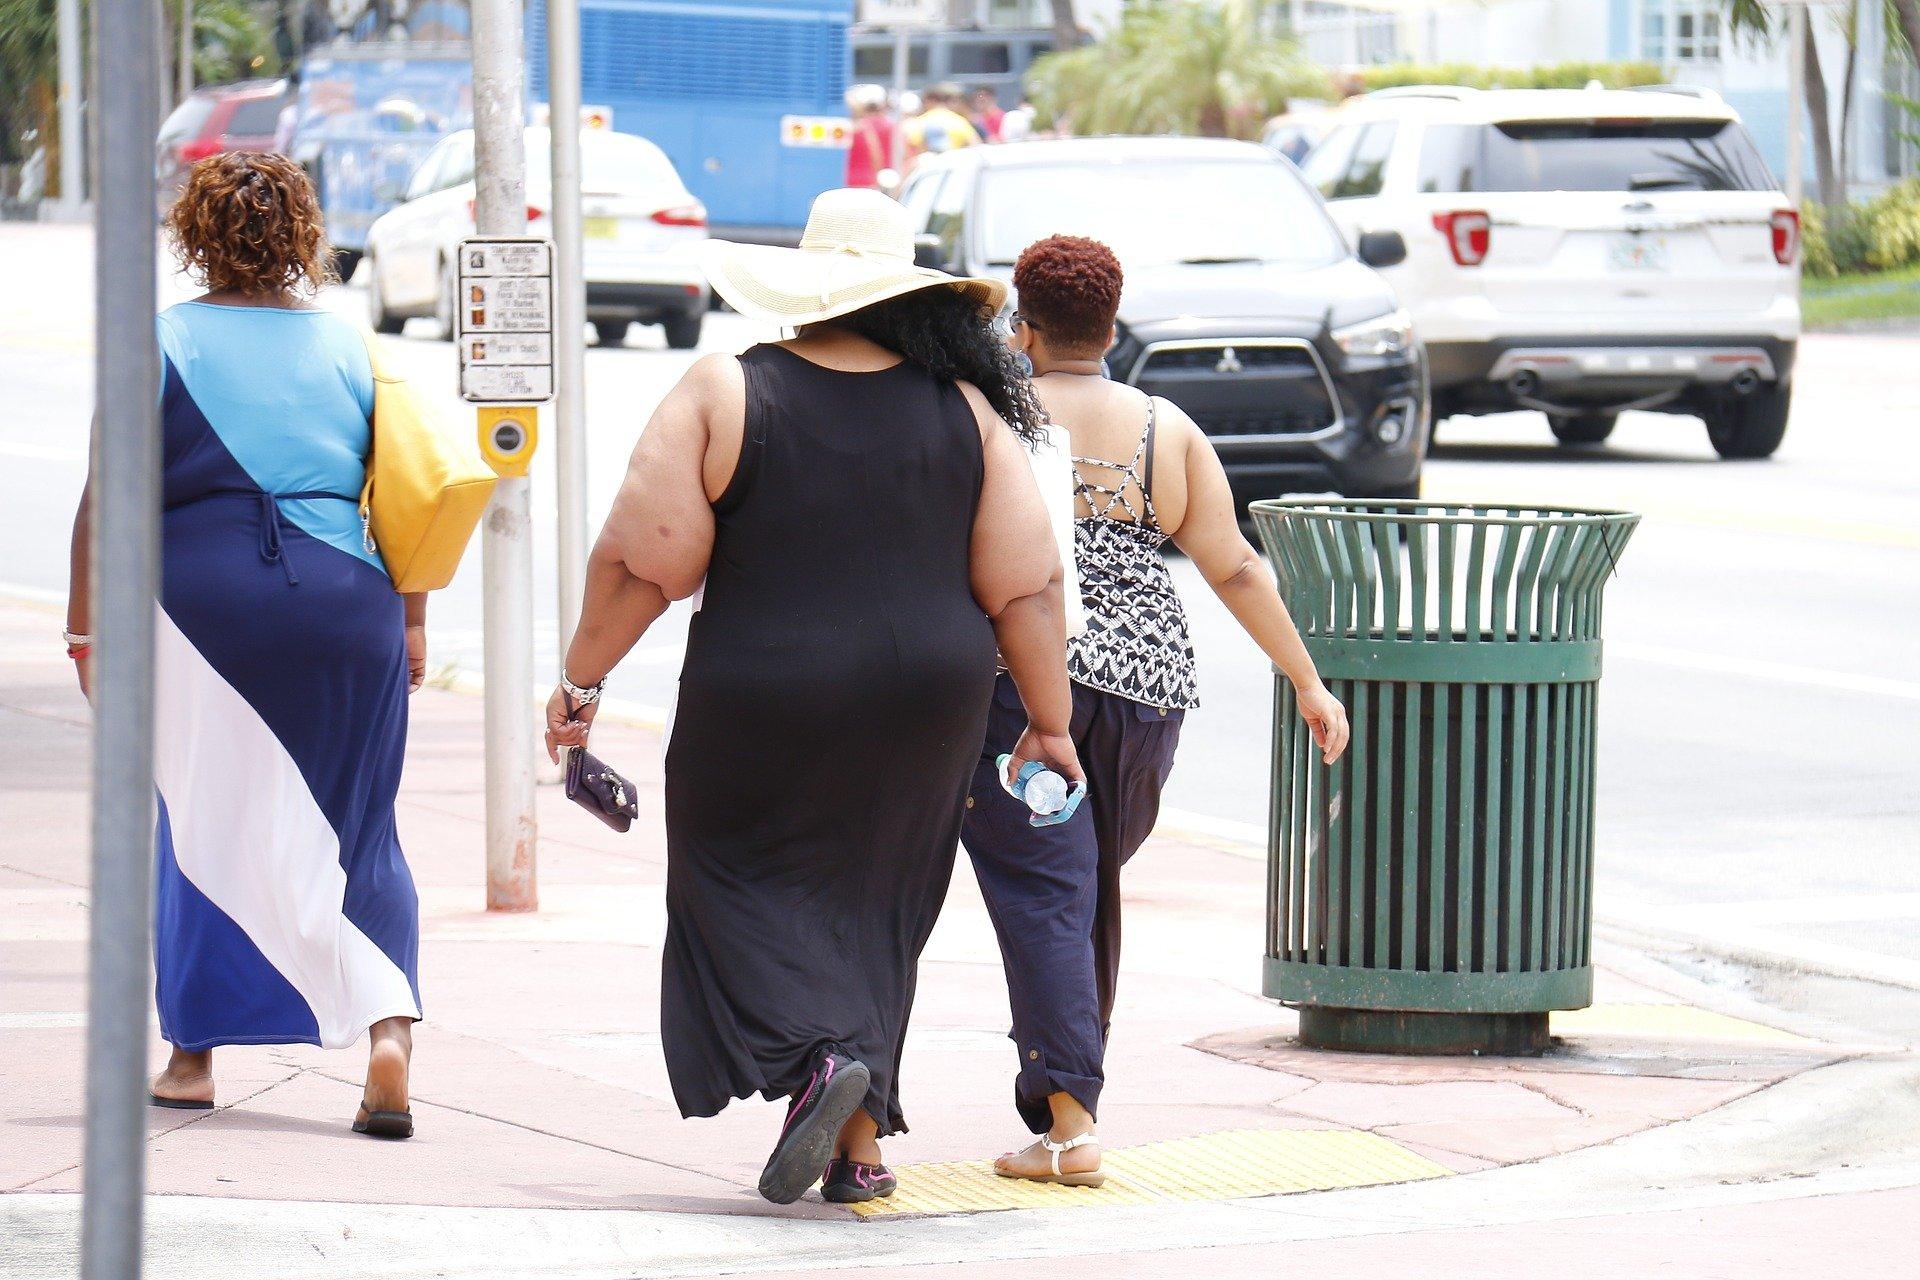 Dati sull'obesità: uomini più a rischio, donne in forma più grave